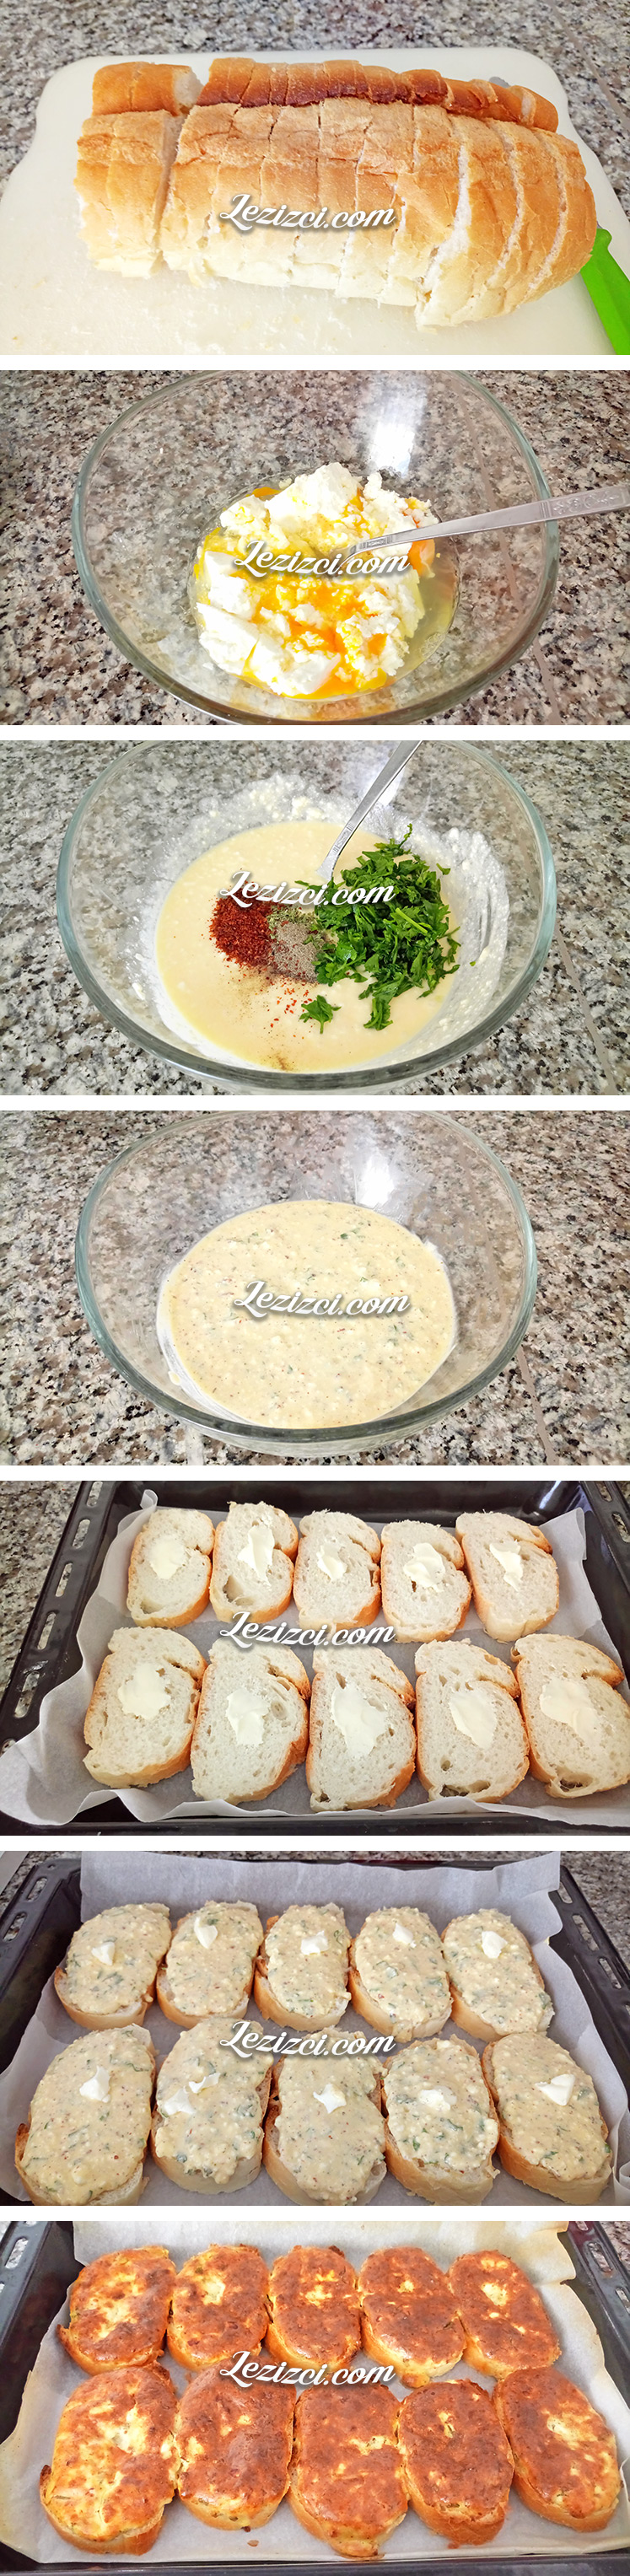 Fırında Tereyağlı Peynirli Ekmek Nasıl Yapılır